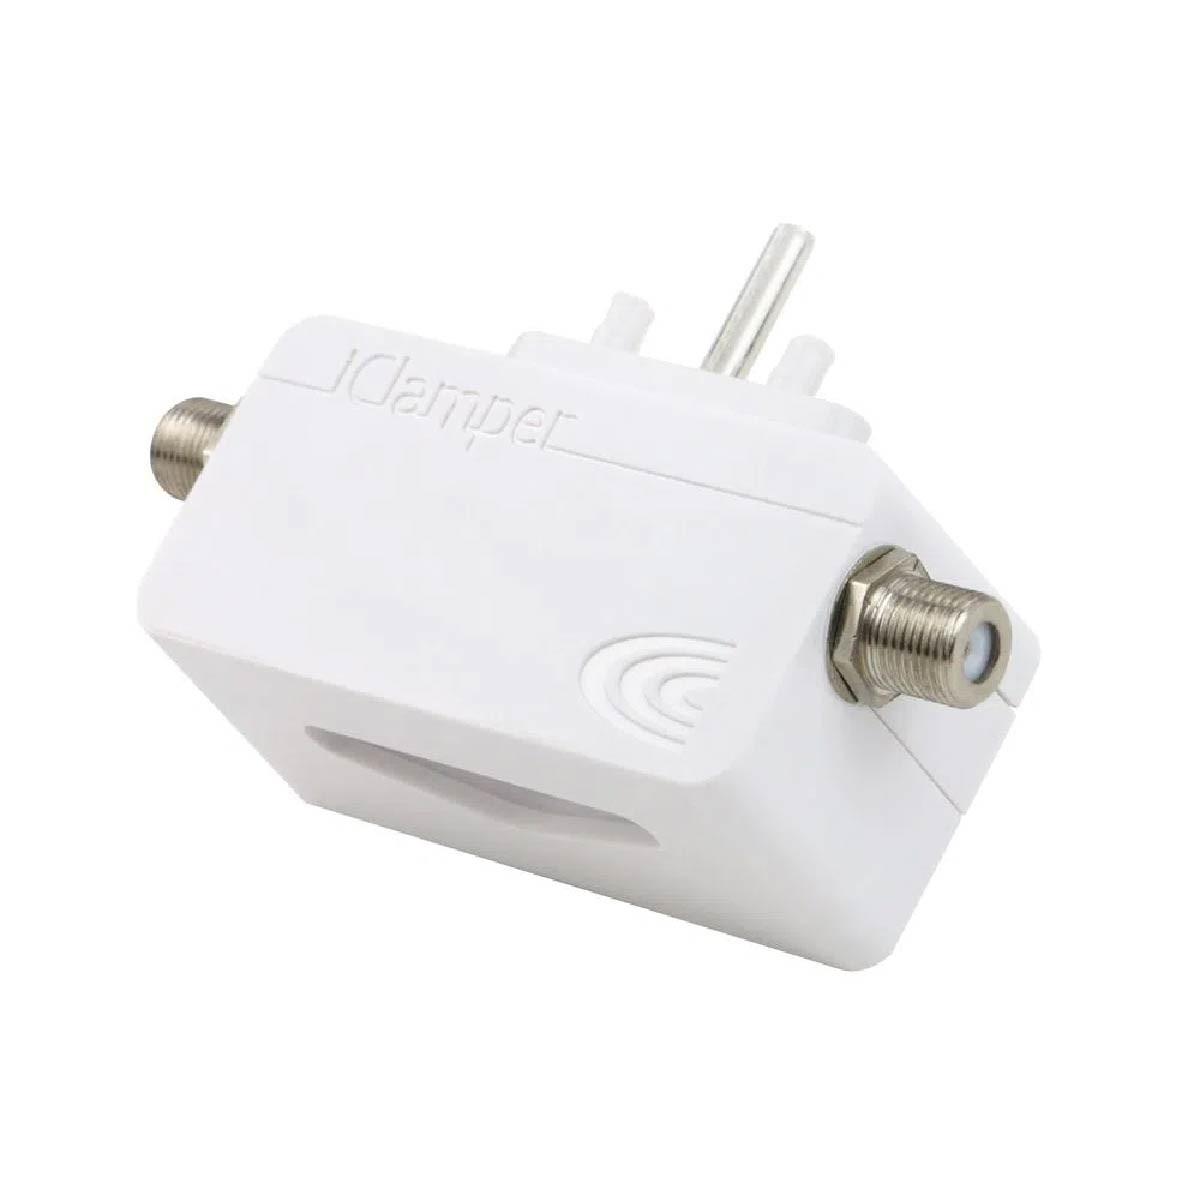 Filtro de Linha Clamper DPS Proteção Para Cabos TV/Modems/Antenas/Parabólicas Branco